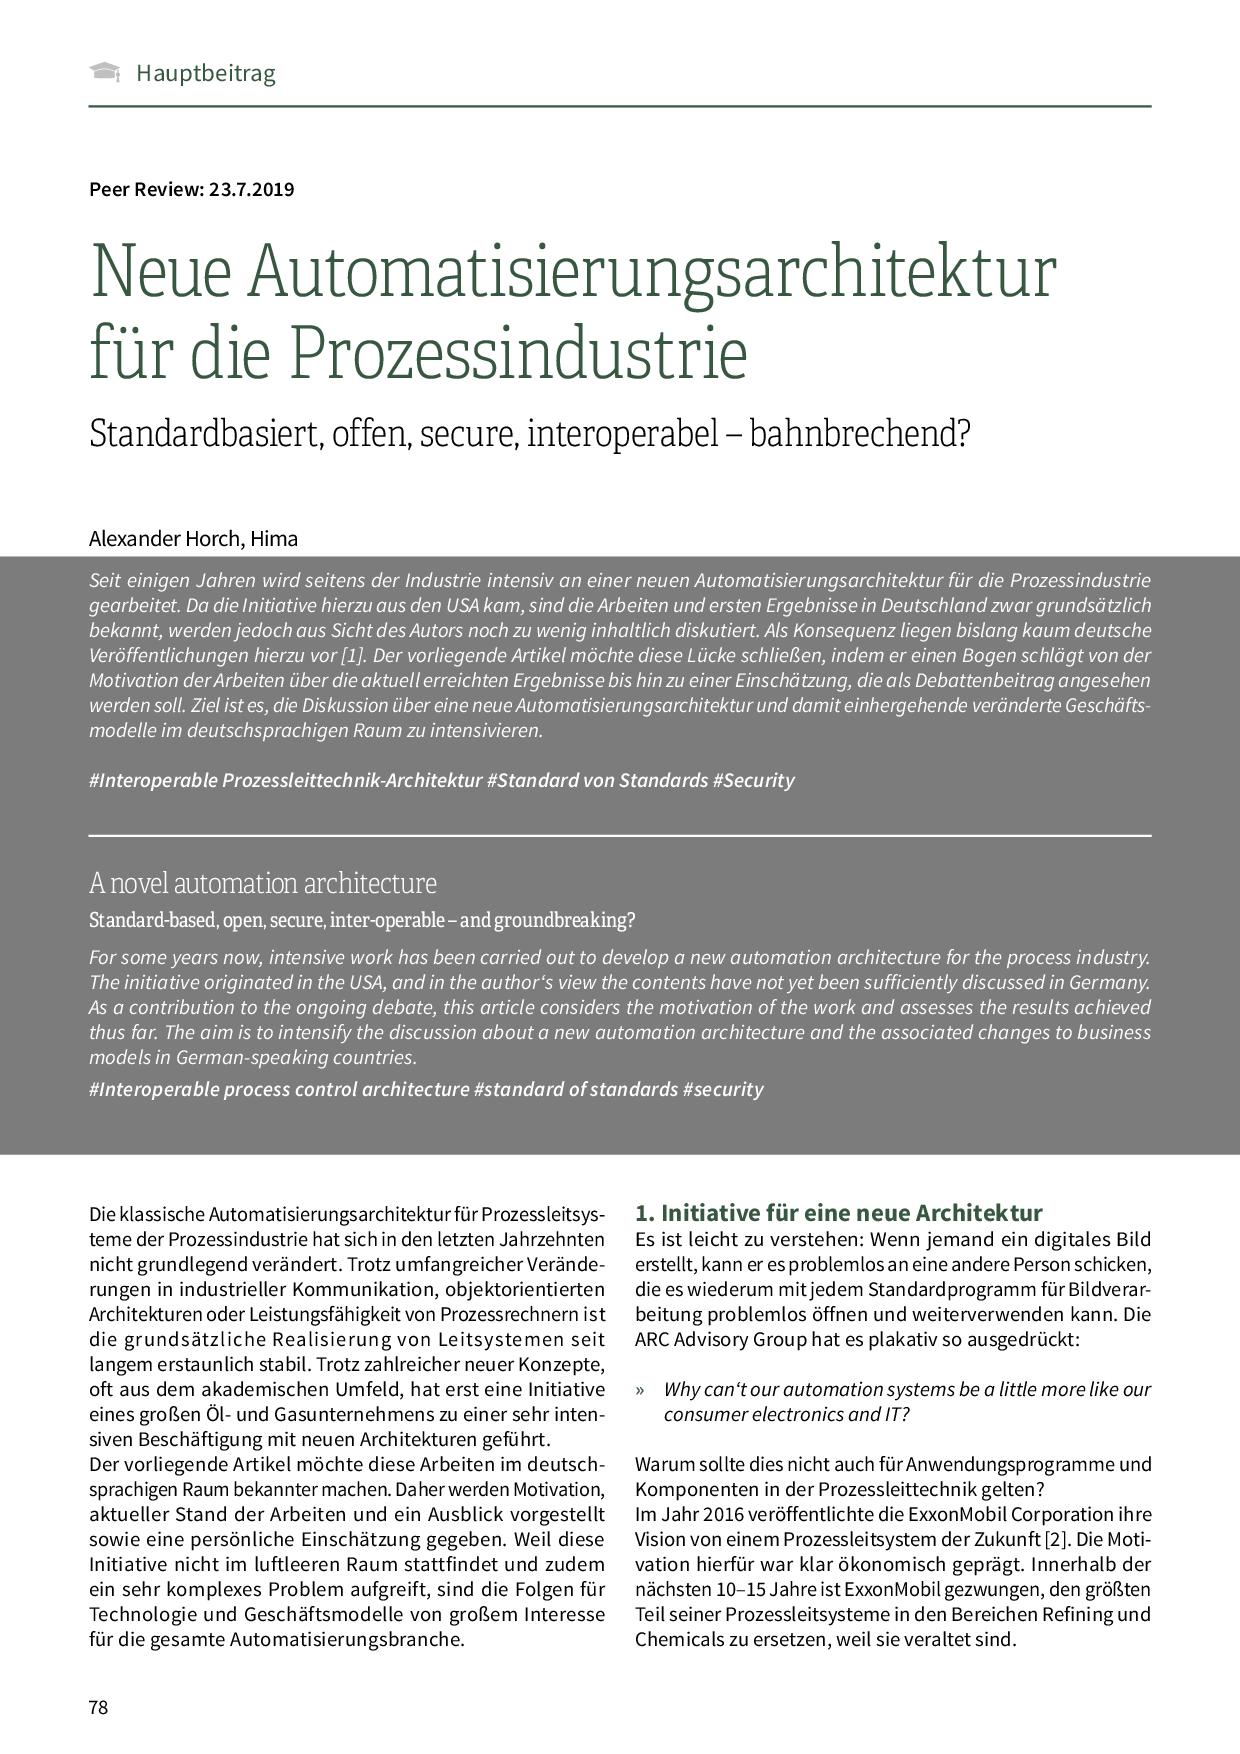 Neue Automatisierungsarchitektur für die Prozessindustrie